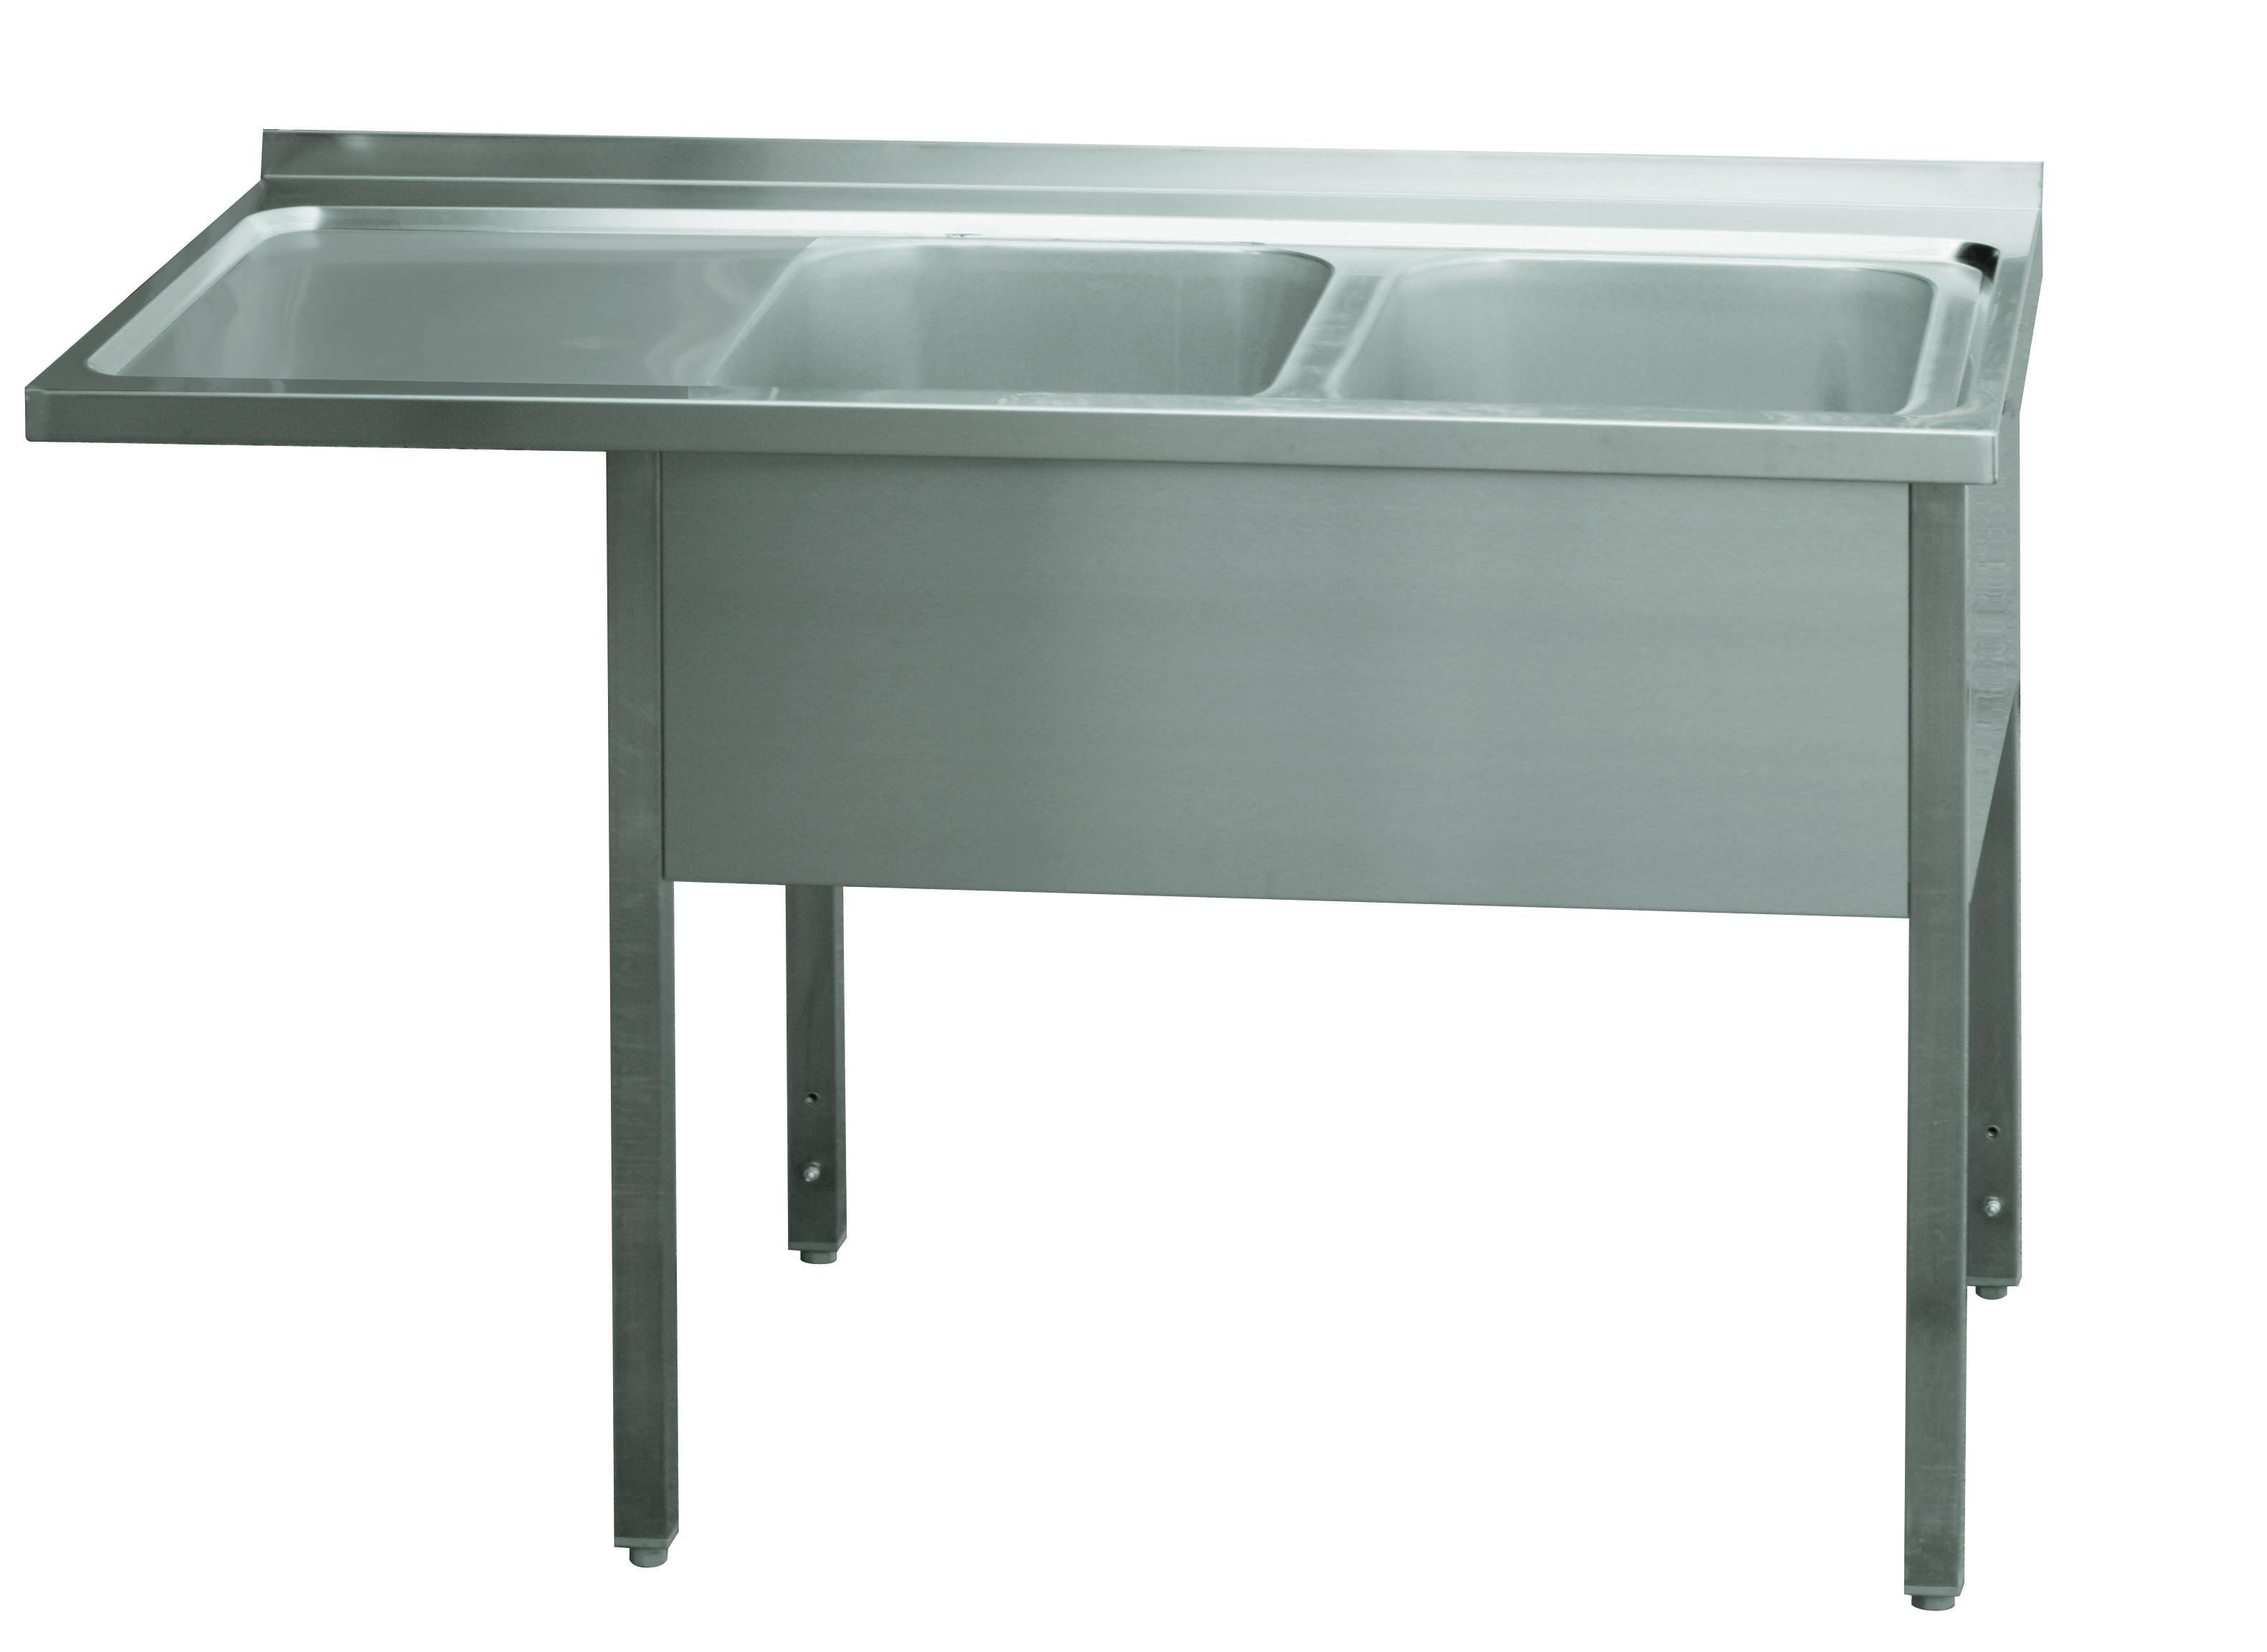 Stůl mycí dvoudřez MSDOL/M 150x70x90 REDFOX